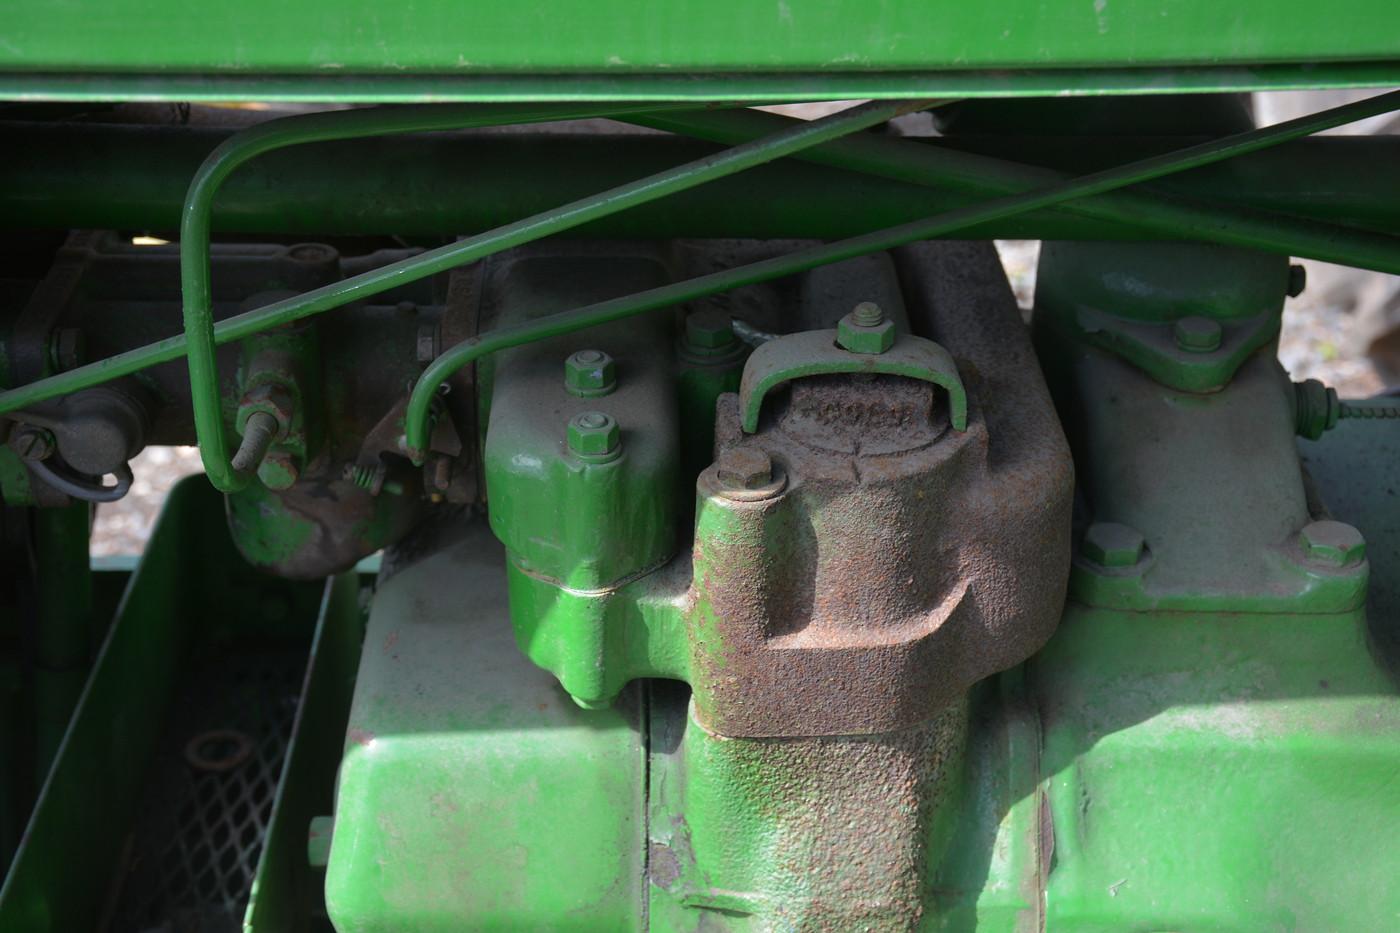 DSC 8828